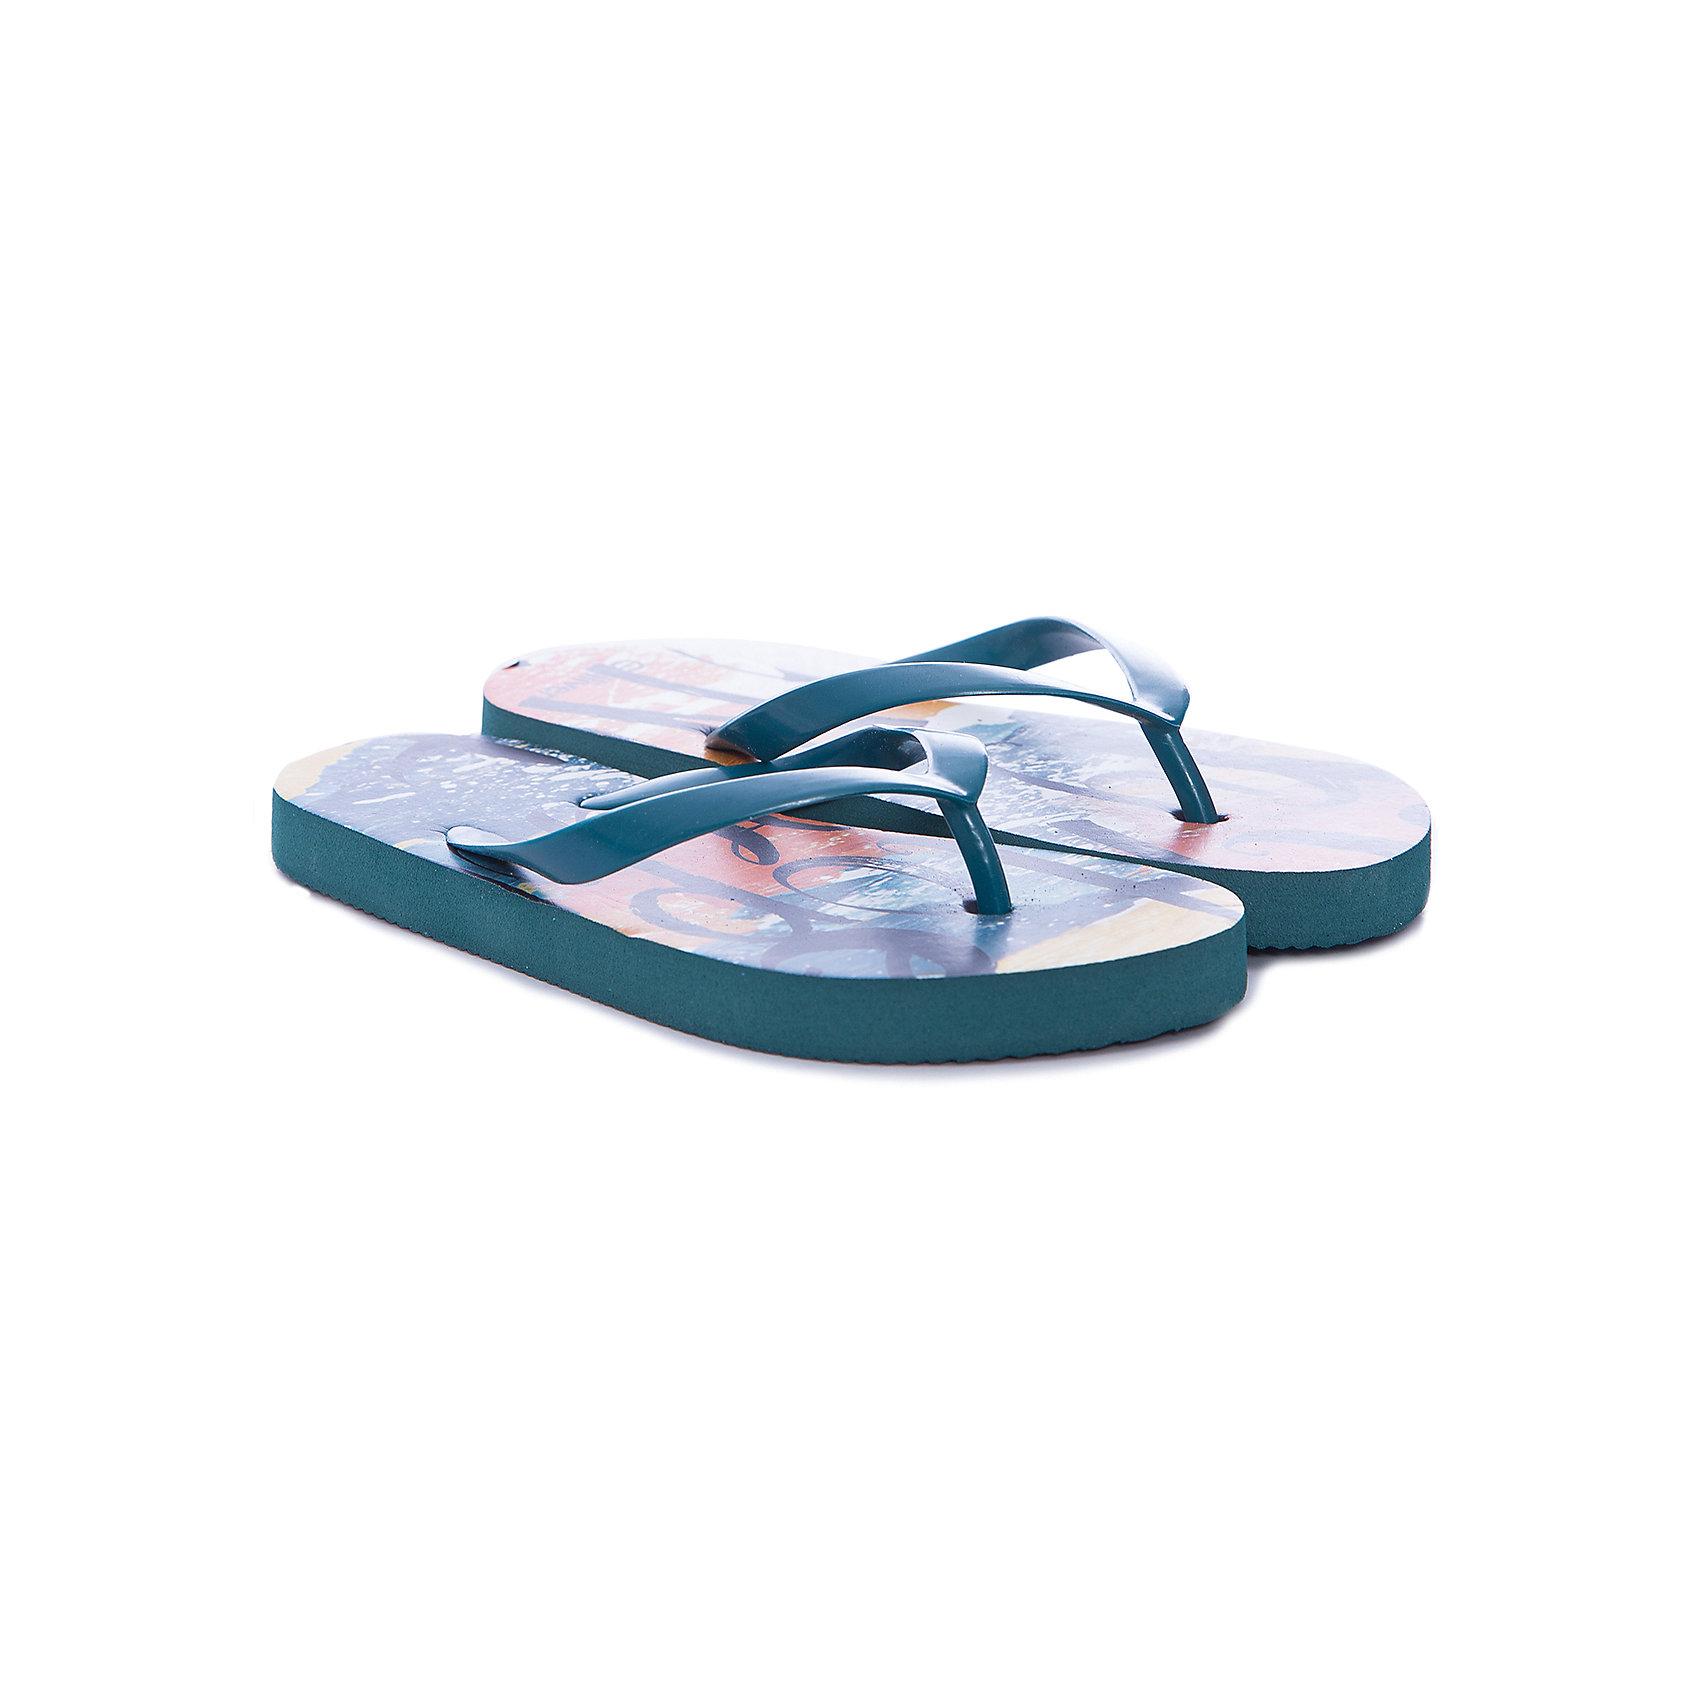 Шлепанцы для мальчика GulliverПляжная обувь<br>Пляжная обувь - вещь, совершенно необходимая для отдыха у воды. Мягкие резиновые тапочки-вьетнамки для мальчика надежно защитят ногу ребенка от мелкой гальки и горячего песка. Если вы решили купить ребенку пляжную обувь, обратите внимание на эту модель! Оригинальный принт из коллекции Пикассо вызовет искреннее одобрение у юного модника и подарит отличное настроение на весь день!<br>Состав:<br>верх: PVC;                                  подошва:EVA<br><br>Ширина мм: 248<br>Глубина мм: 135<br>Высота мм: 147<br>Вес г: 256<br>Цвет: белый<br>Возраст от месяцев: 144<br>Возраст до месяцев: 156<br>Пол: Мужской<br>Возраст: Детский<br>Размер: 36,30,31,32,33,34,35<br>SKU: 5482886